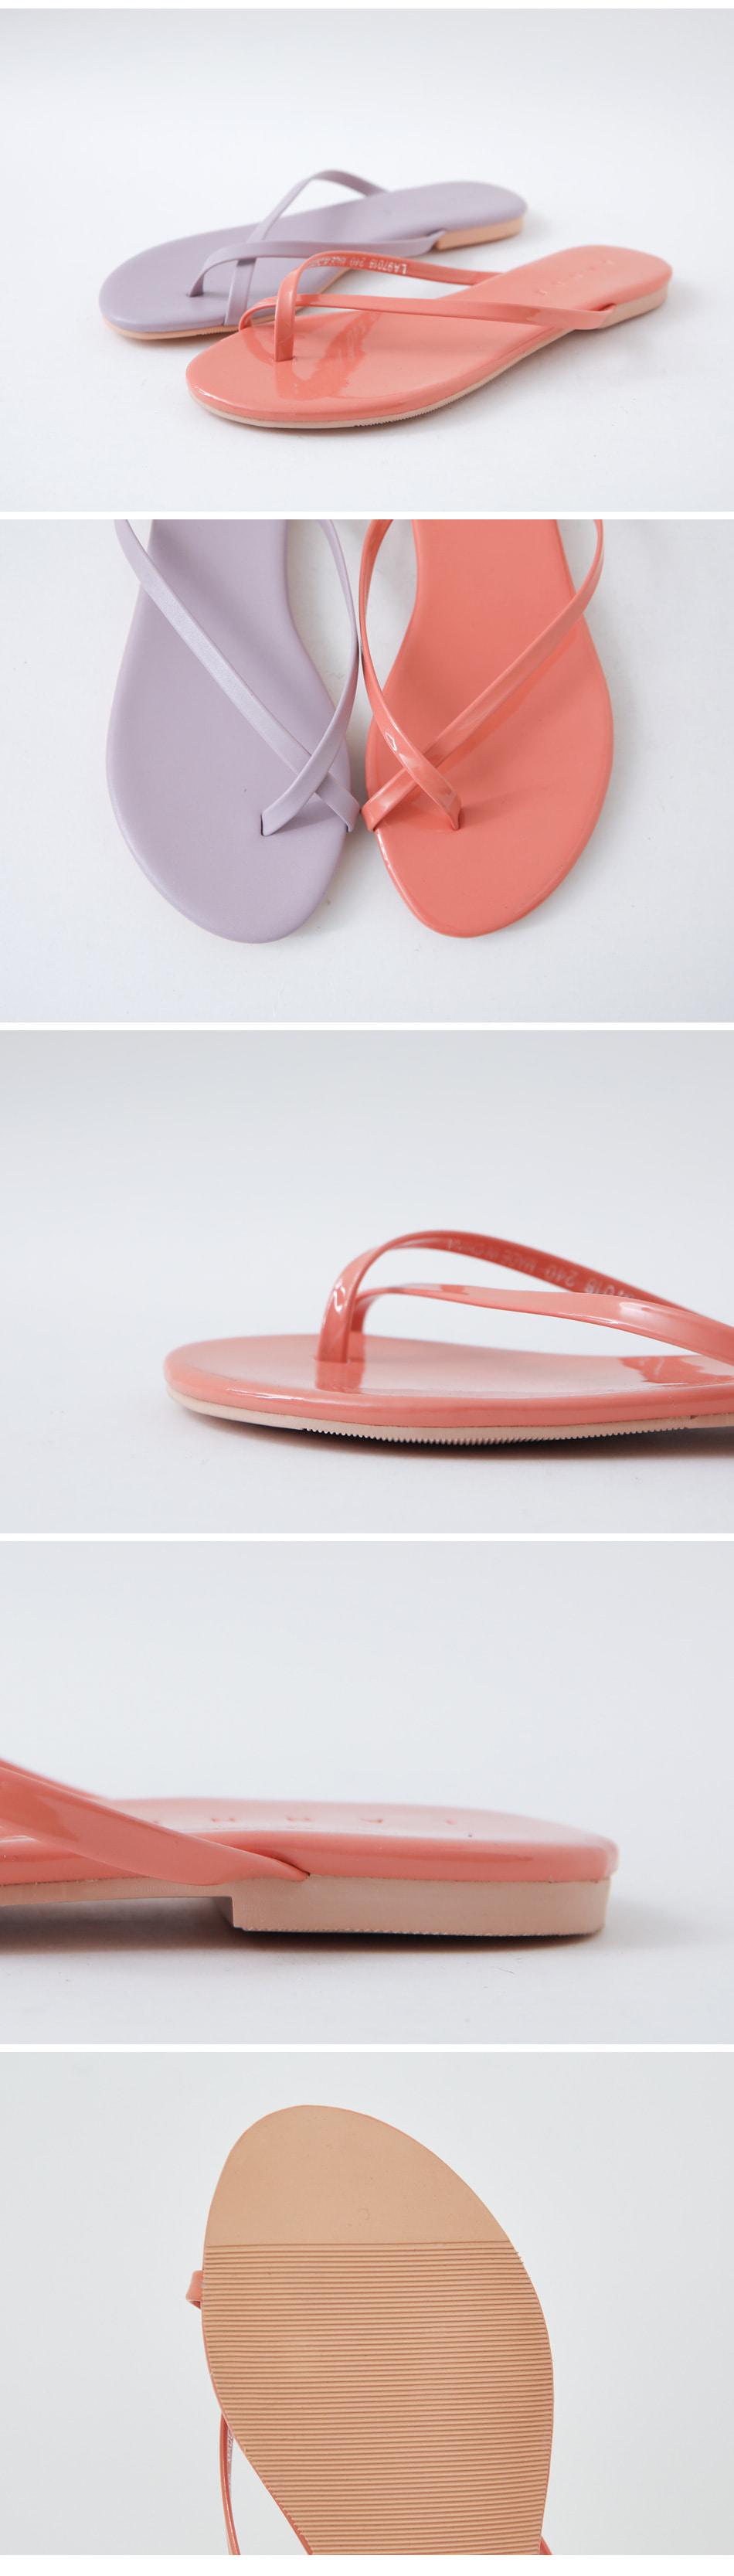 La Merine Slippers 1cm